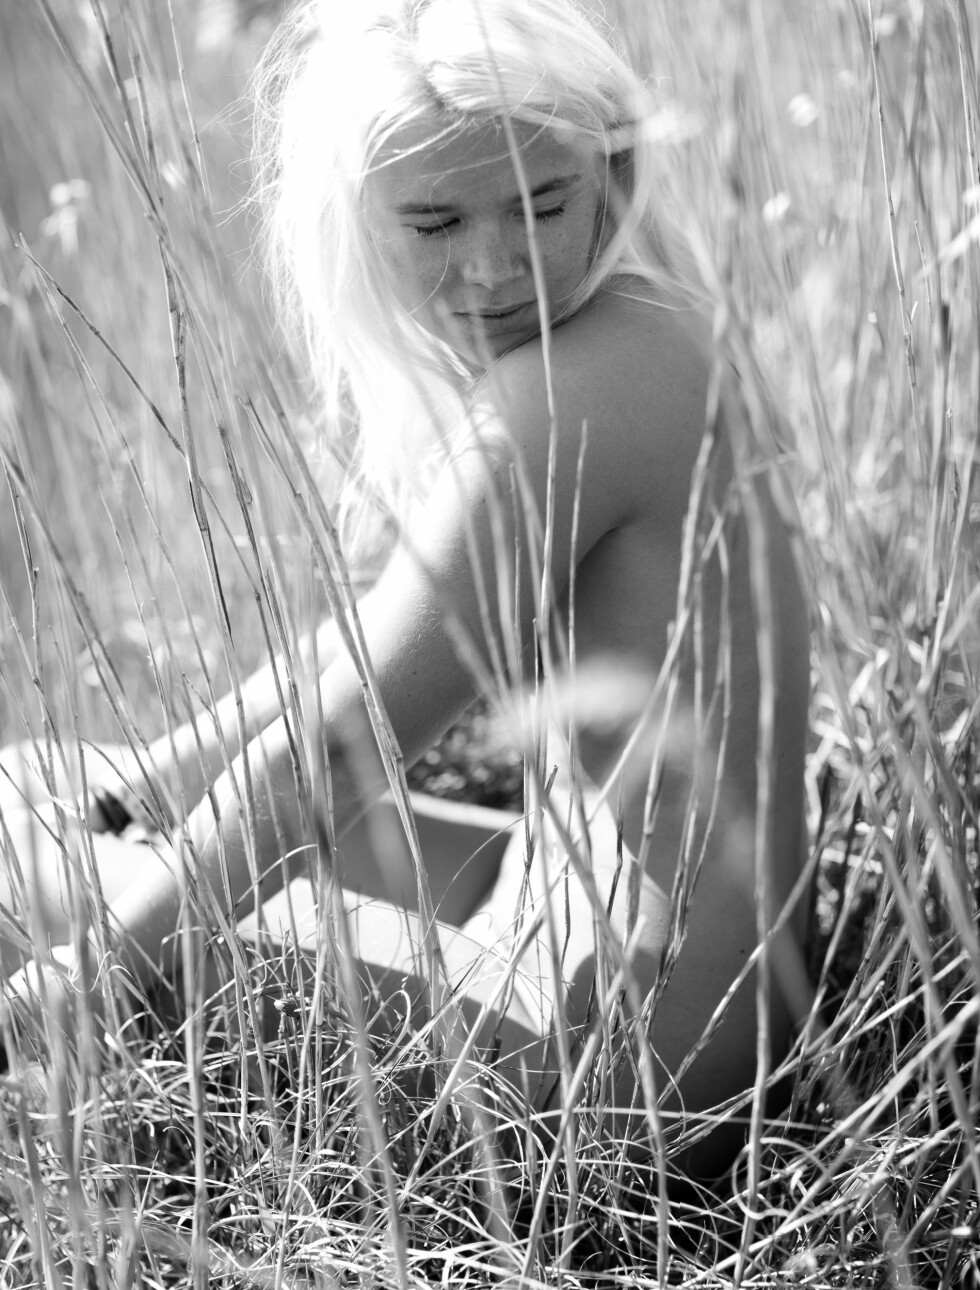 OVERRASKET TØNSBERG-BEBOERE: - Det var flere forbipasserende som så meg naken mens vi holdt på med fotoshooten, men jeg prøvde bare å smile tilbake til dem, sier Vida Lill til Seoghør.no. Foto: Rolf-Ørjan Høgset